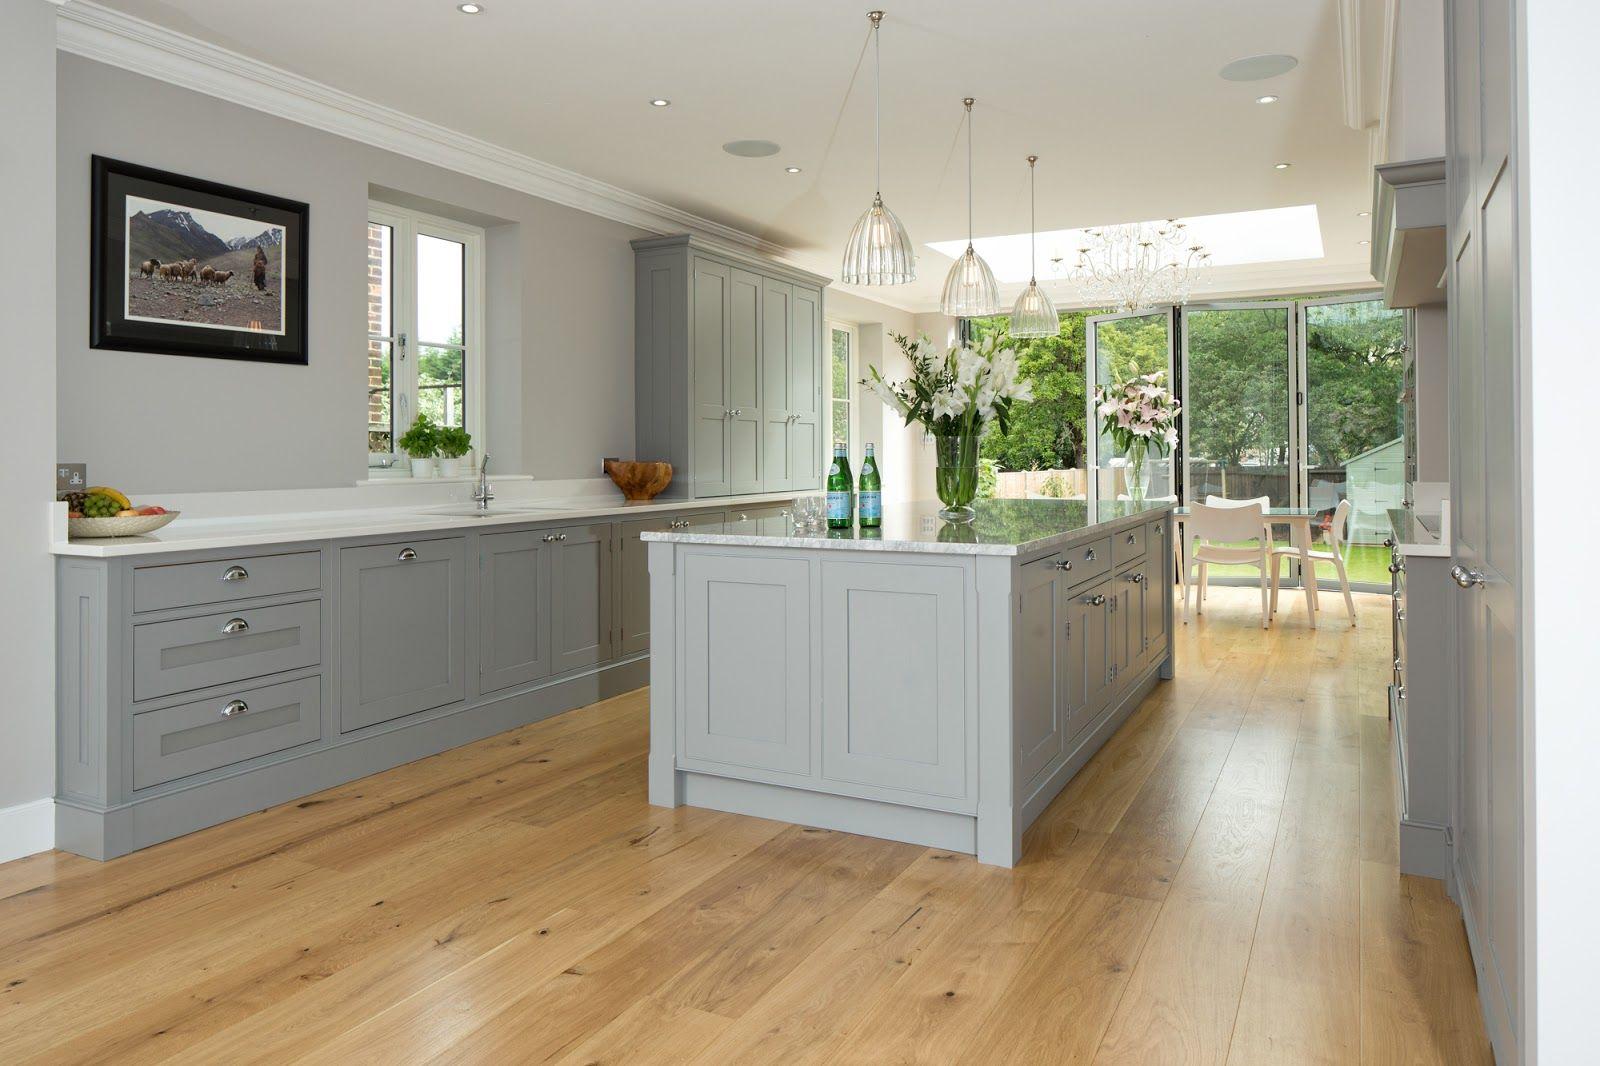 grey kitchen cabinets Kitchen cabinets